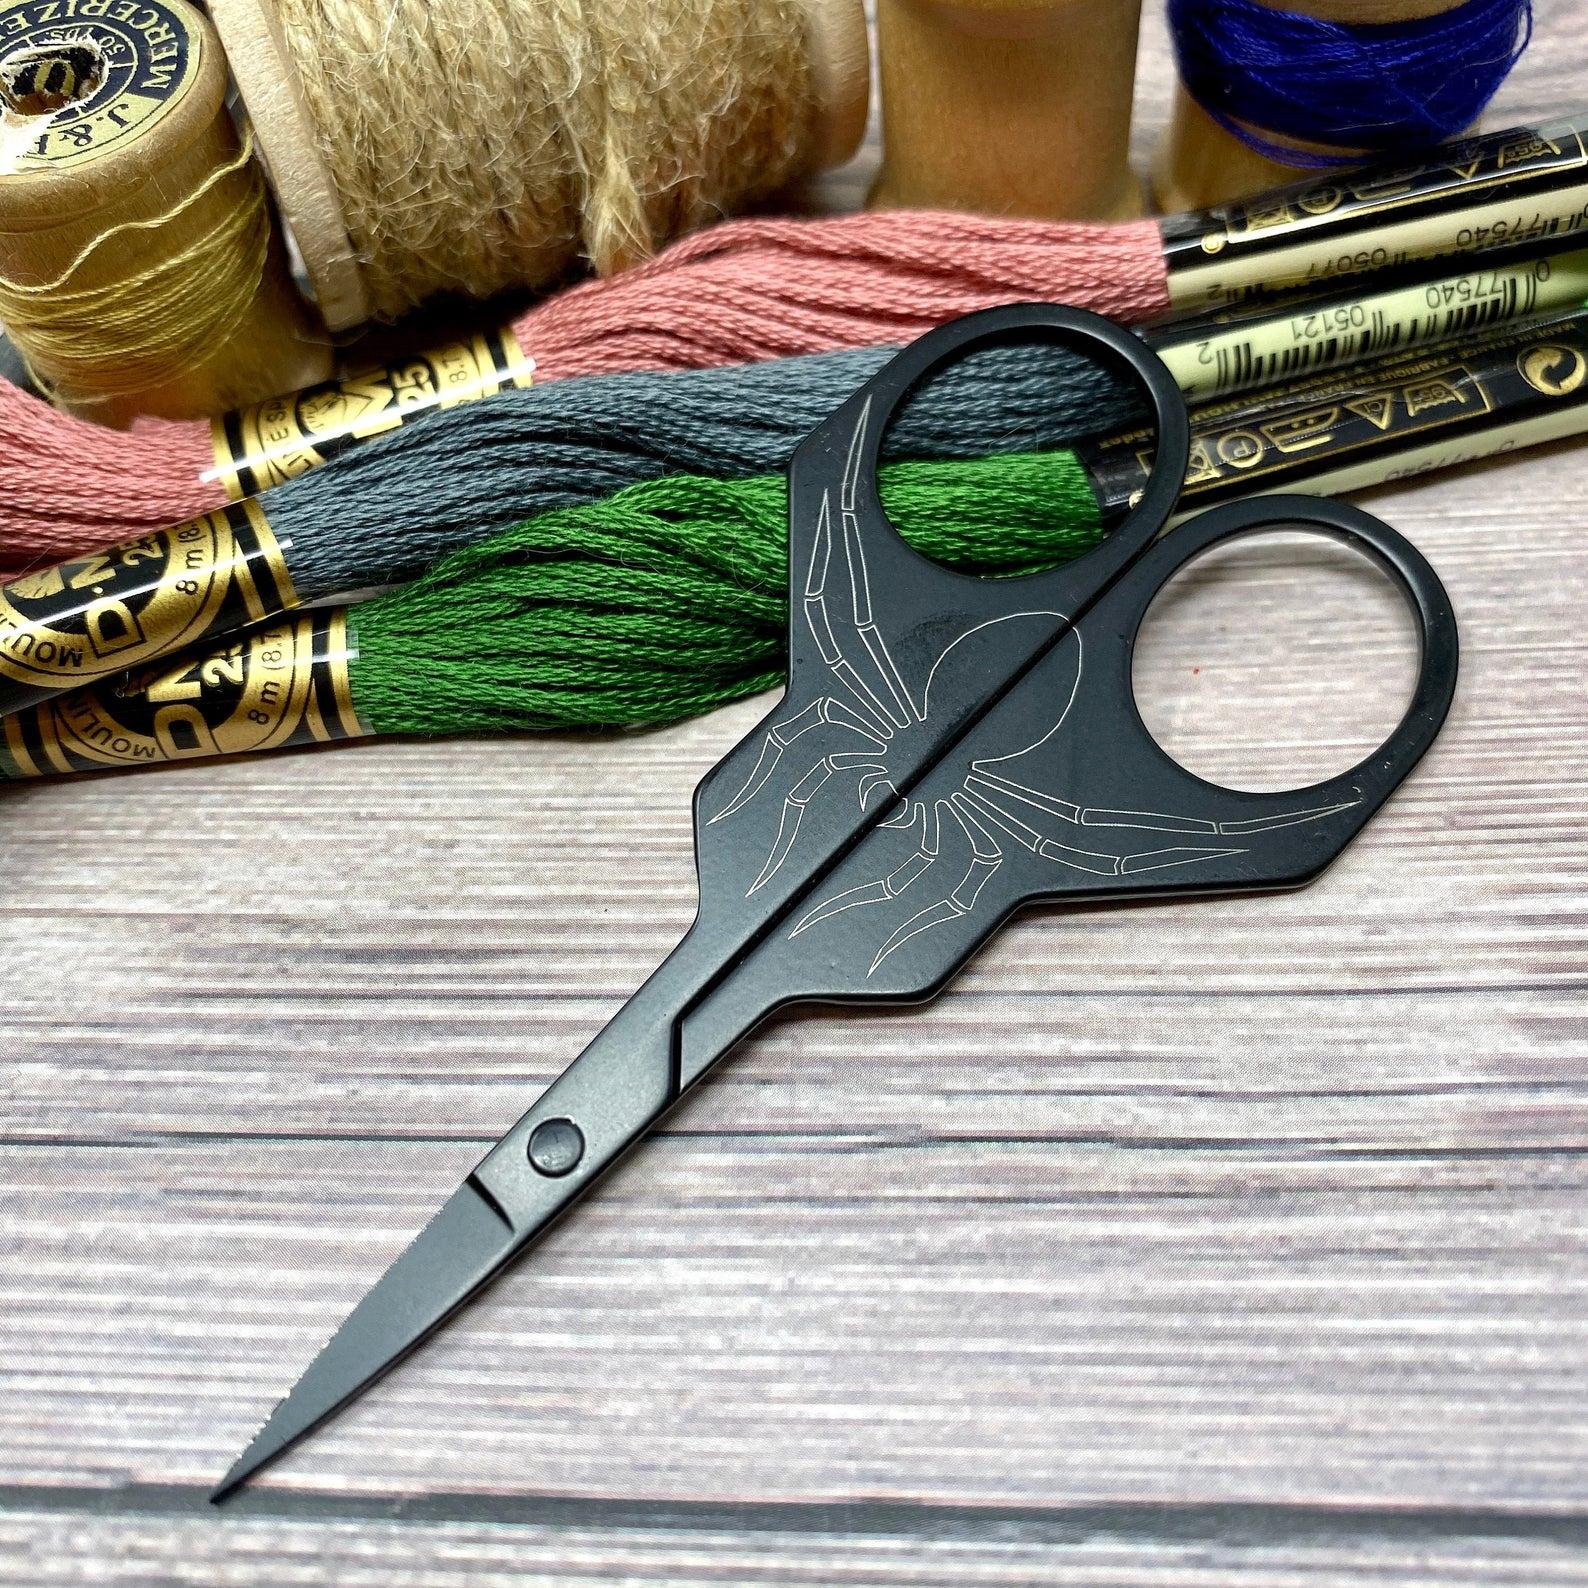 spider scissors